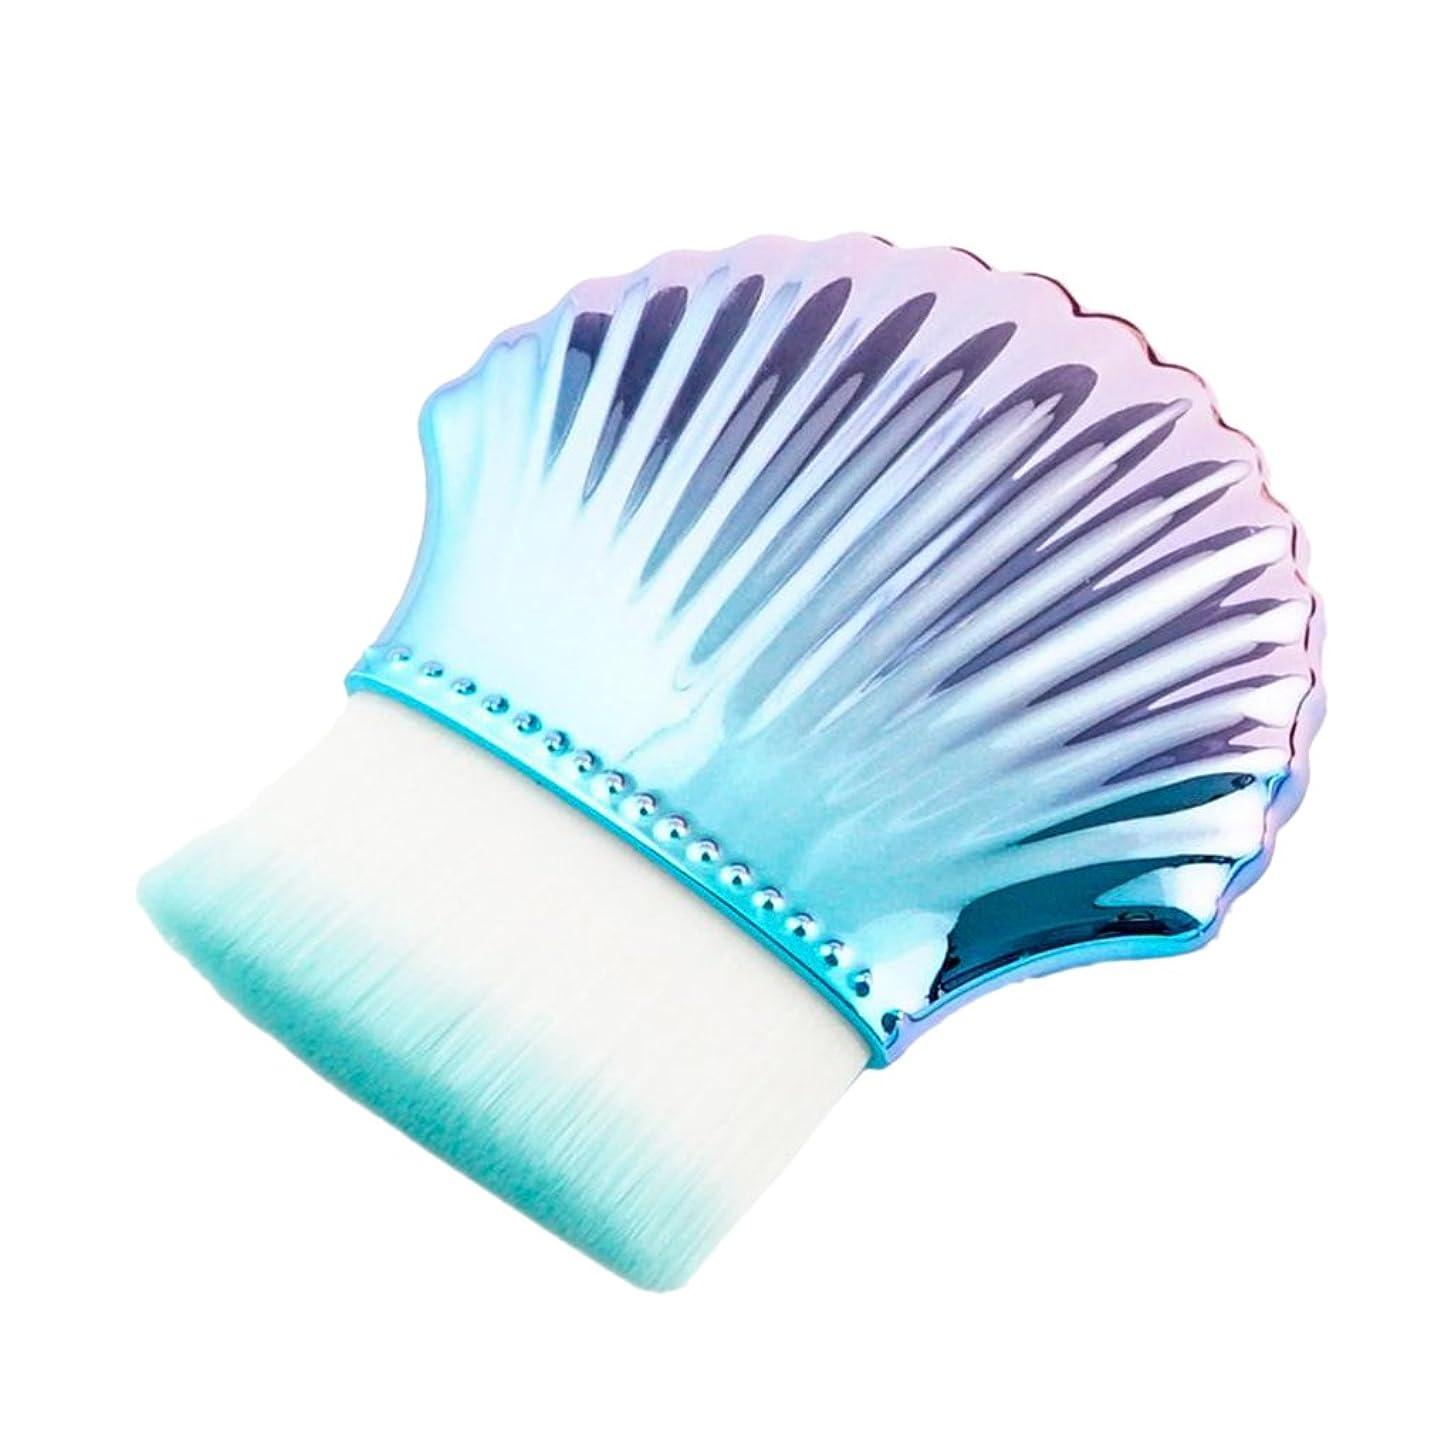 合理化友情偽物Kesoto 素晴らしい デザイン 化粧 フェイス ファンデーション ブラシ コンシーラー パウダー メイクアップブラシ 多種類選べる - ブルー#2